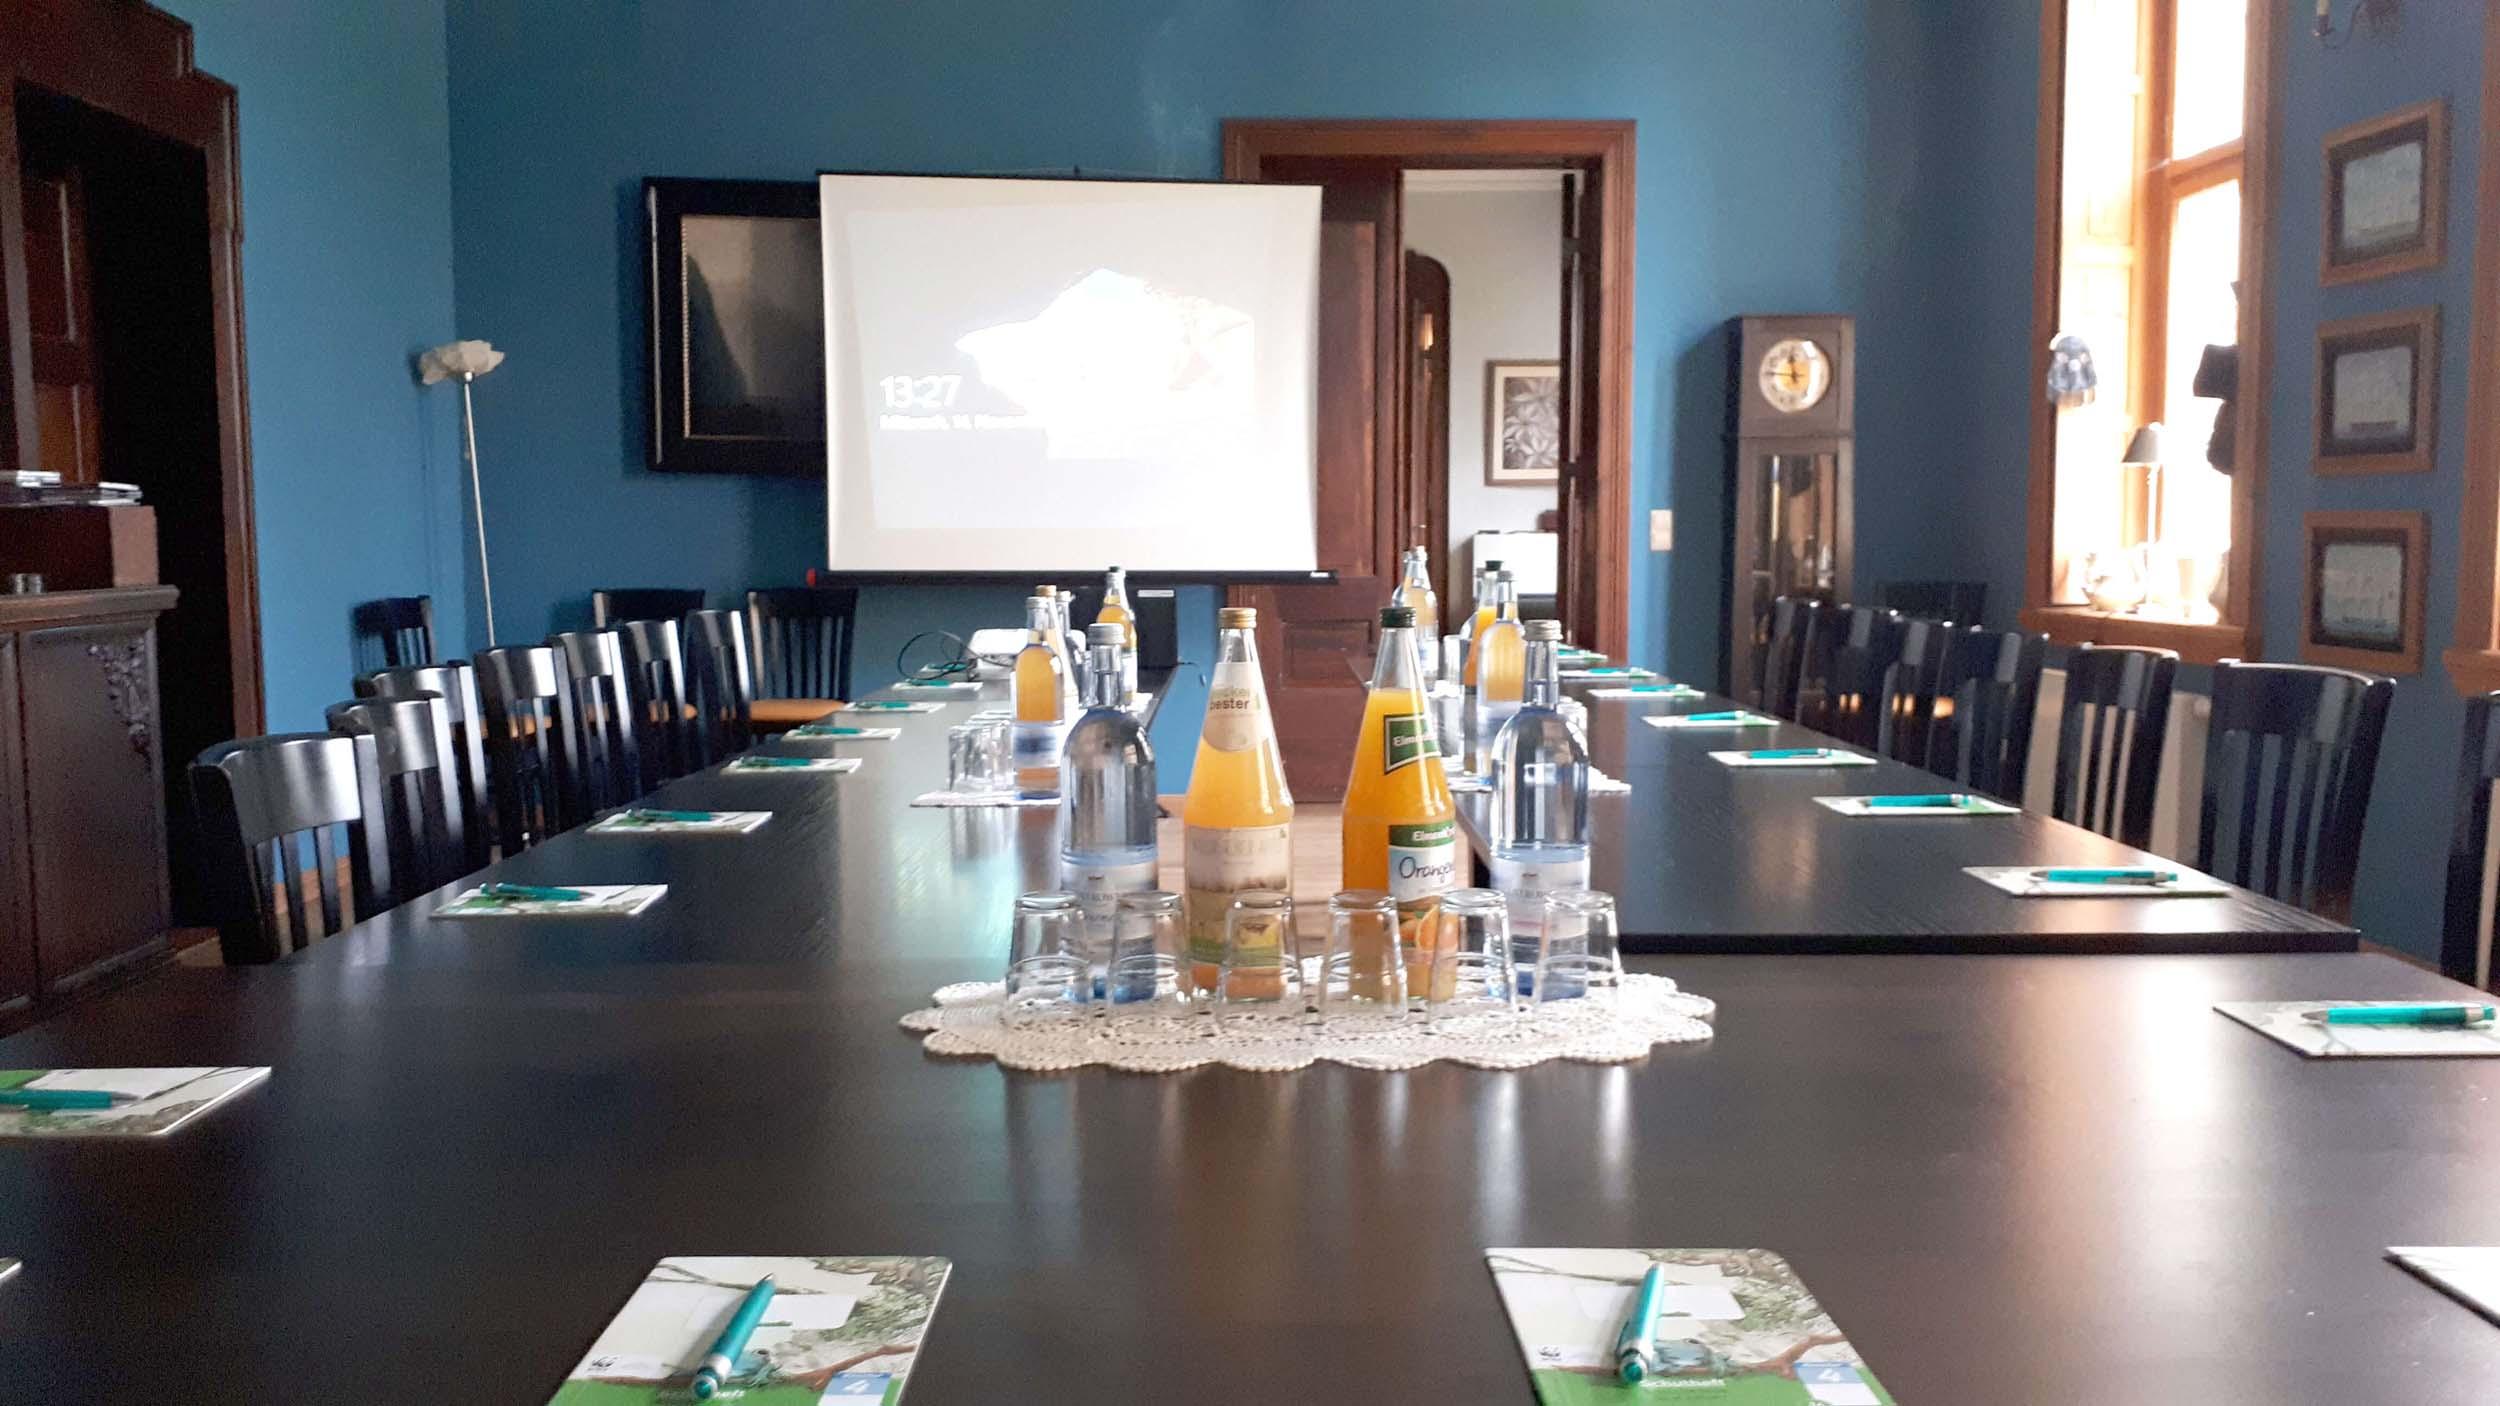 Teambuilding im Gutshaus Ehmkendorf in Mecklenburg Vorpommern - Teamincentive